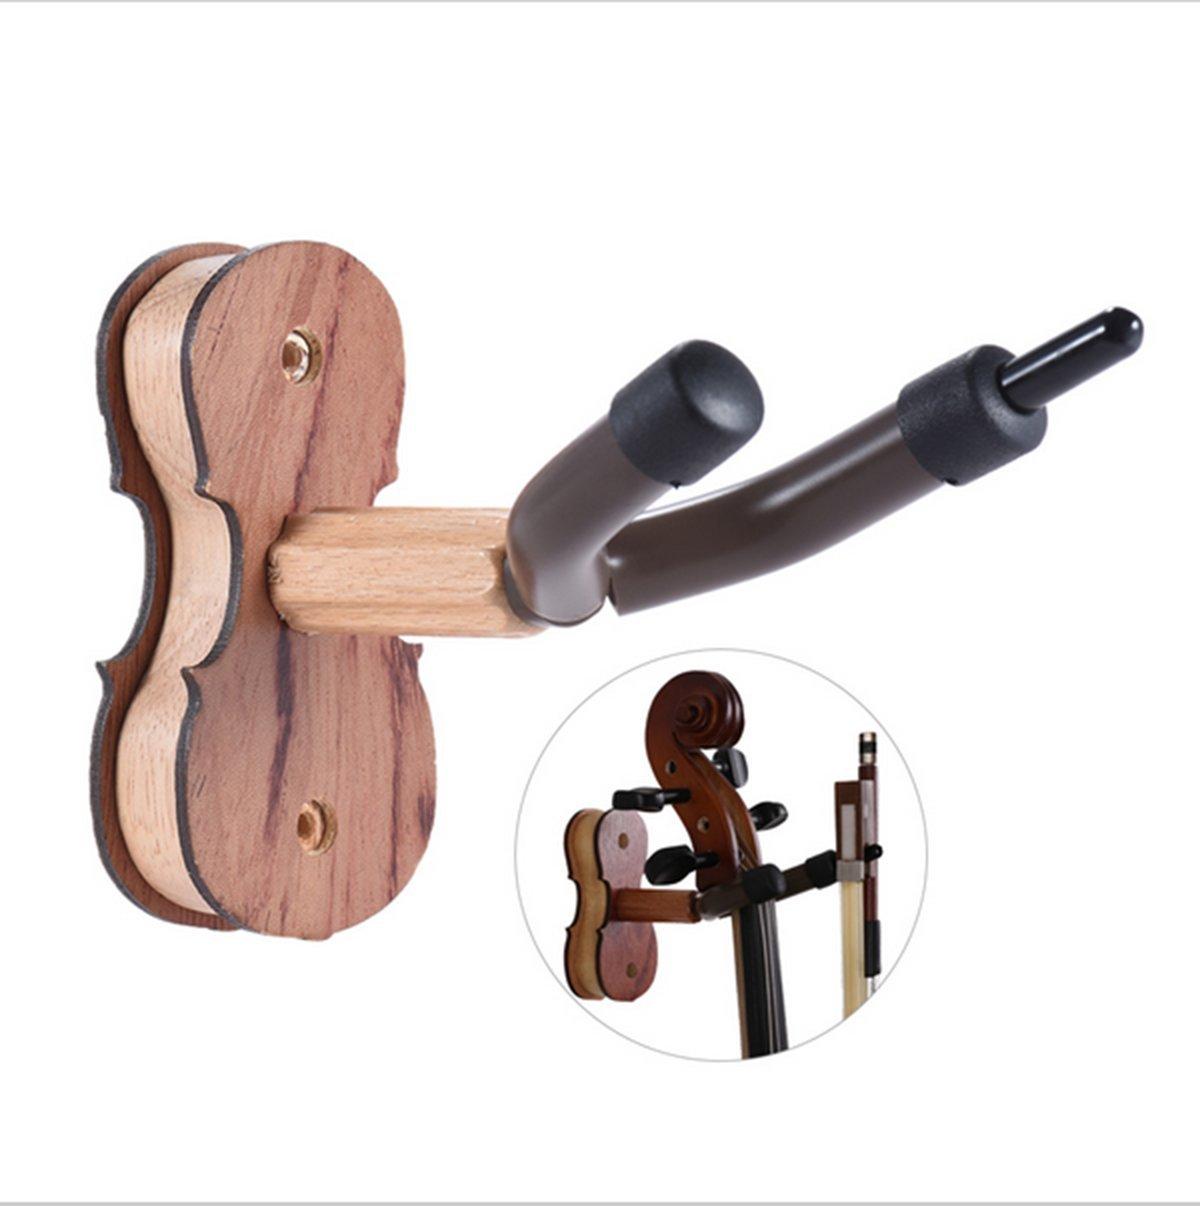 Violin Hanger With Bow Hanger,Violin Hardwood Home and Studio Wall Hanger,Wall Mount Hanger Holder Rack Stand For Violin/Viola 10800155